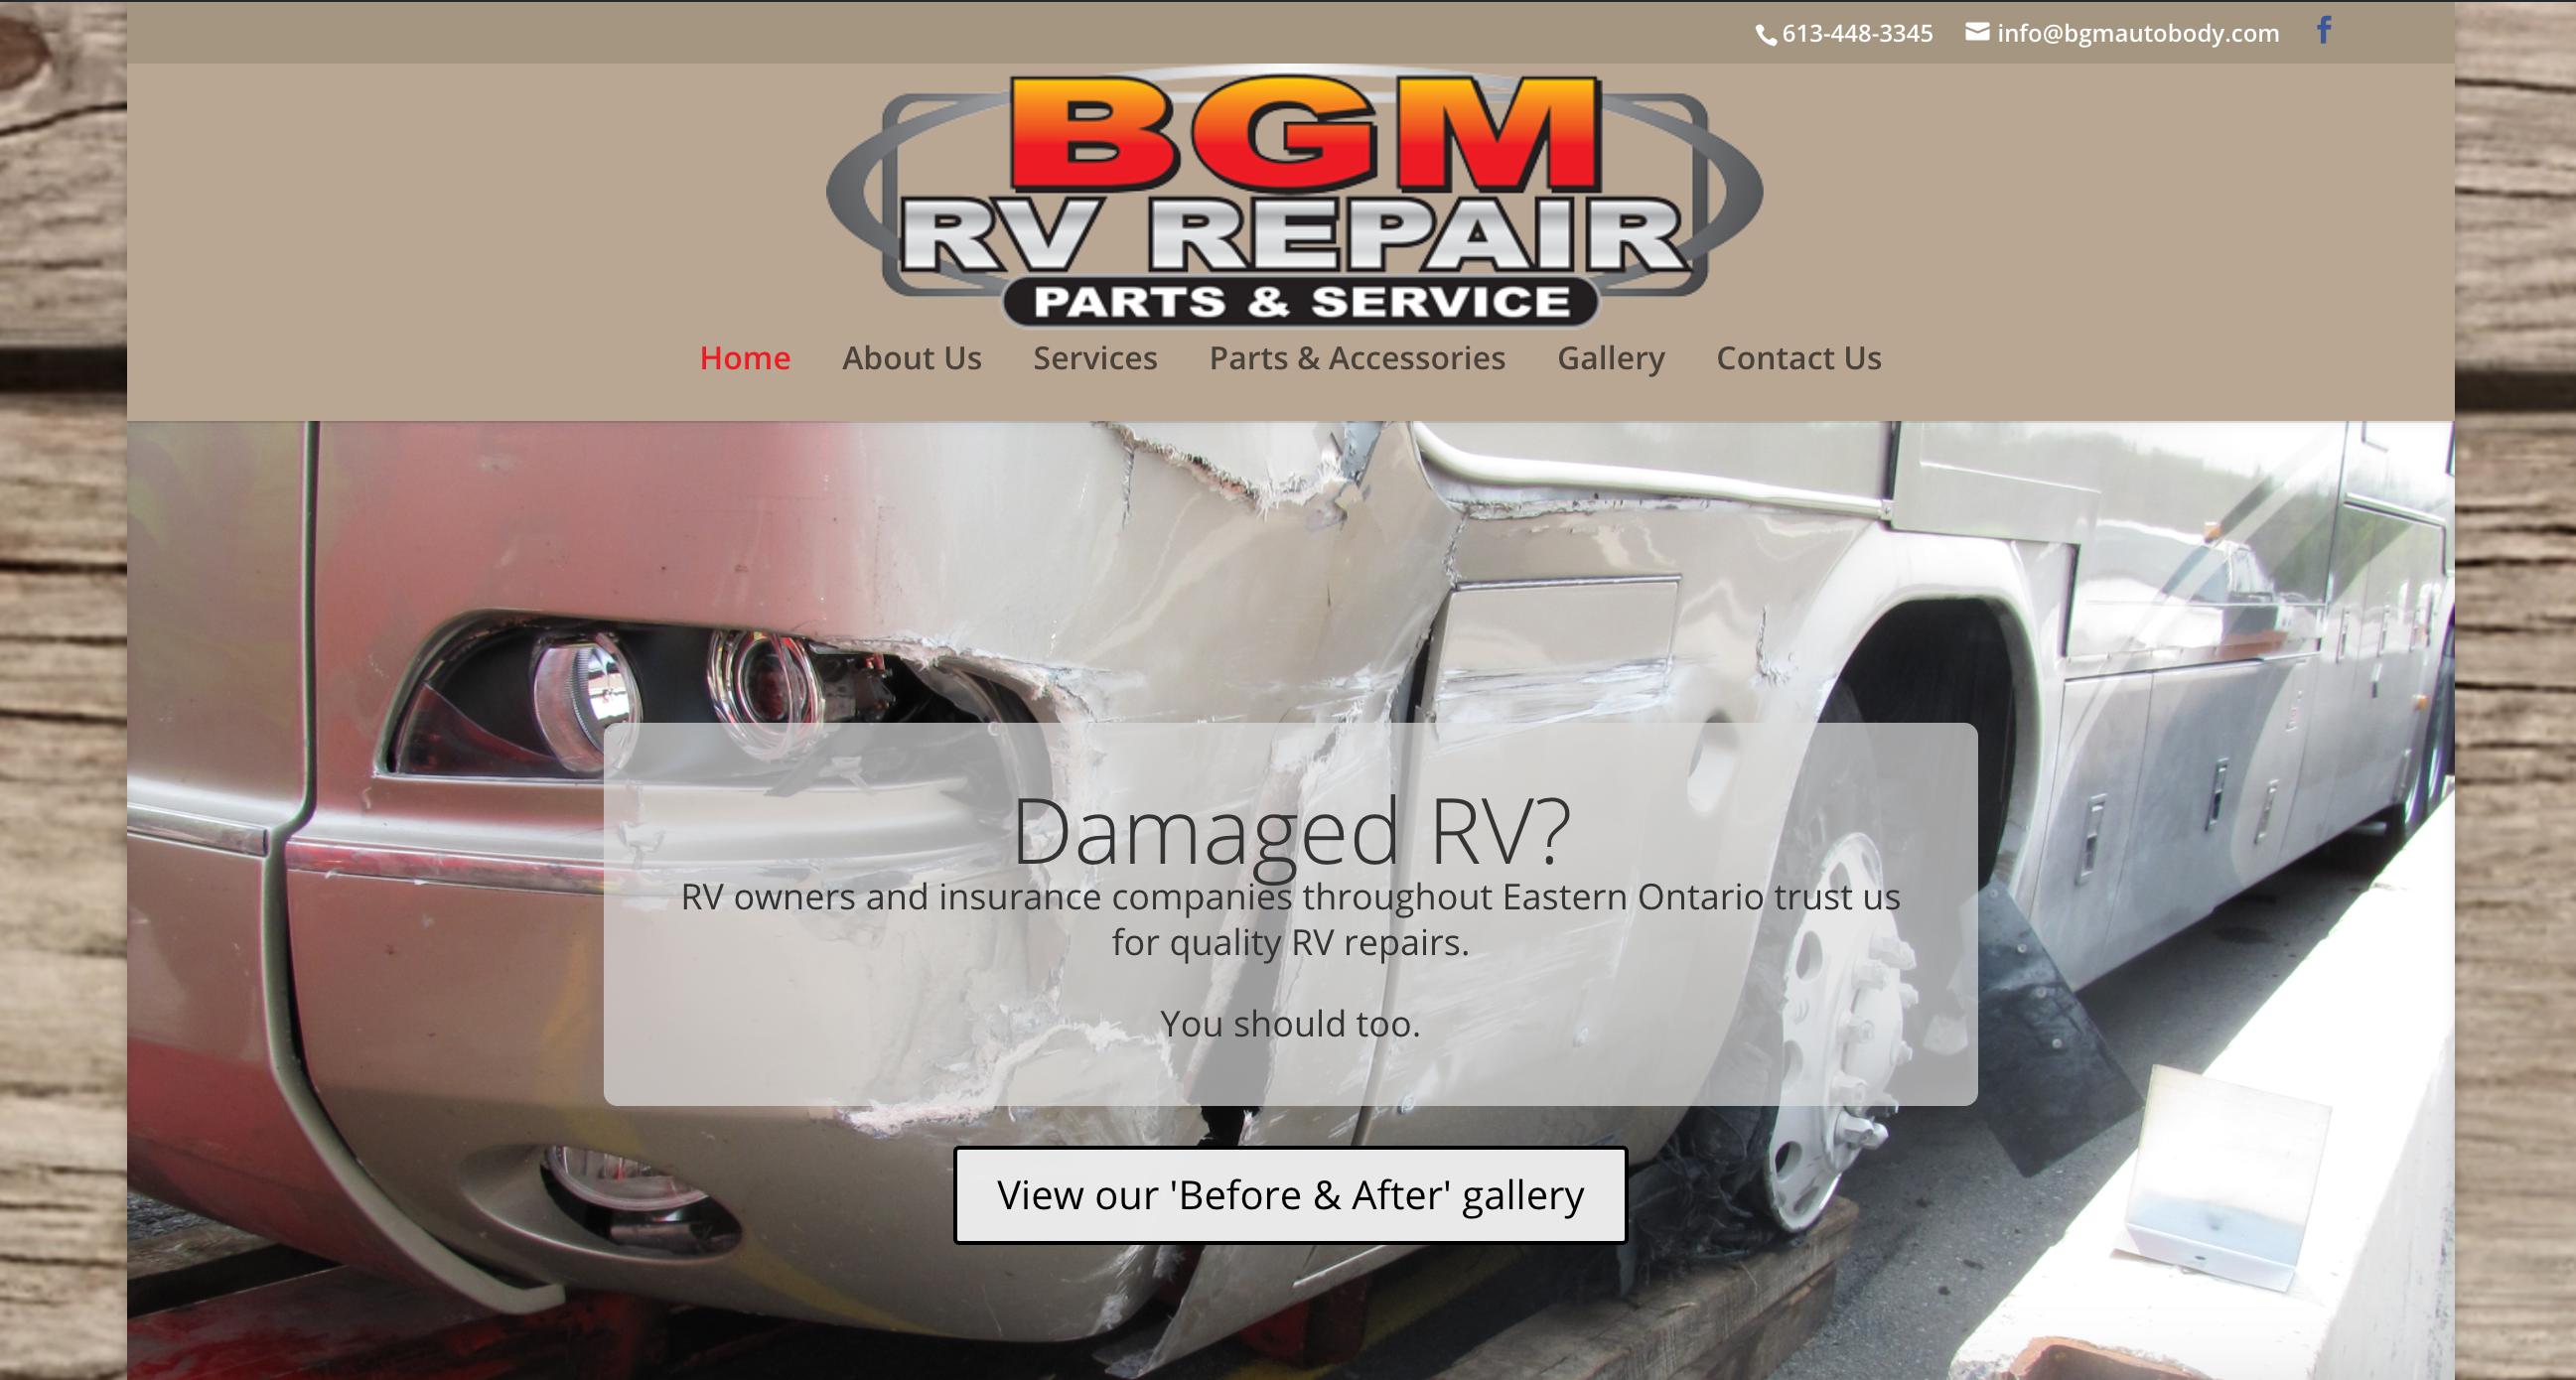 BGM RV Repair